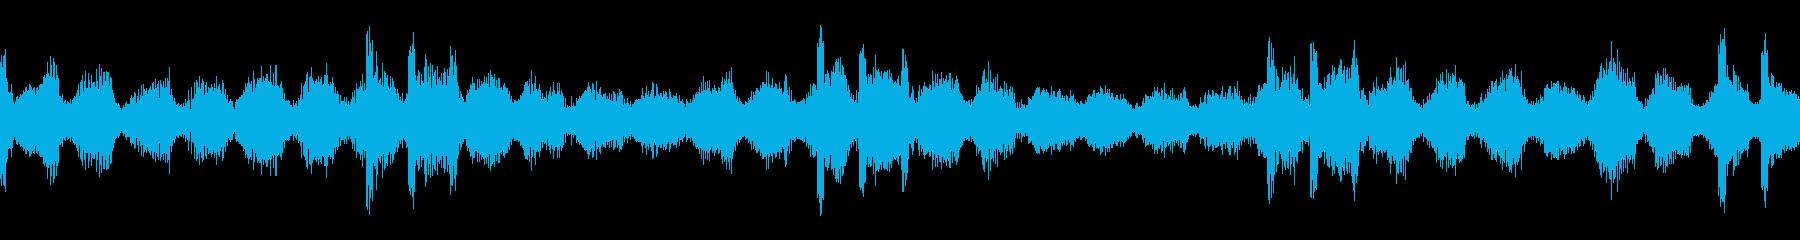 【ループ2】旅行リゾート 海 リラックスの再生済みの波形